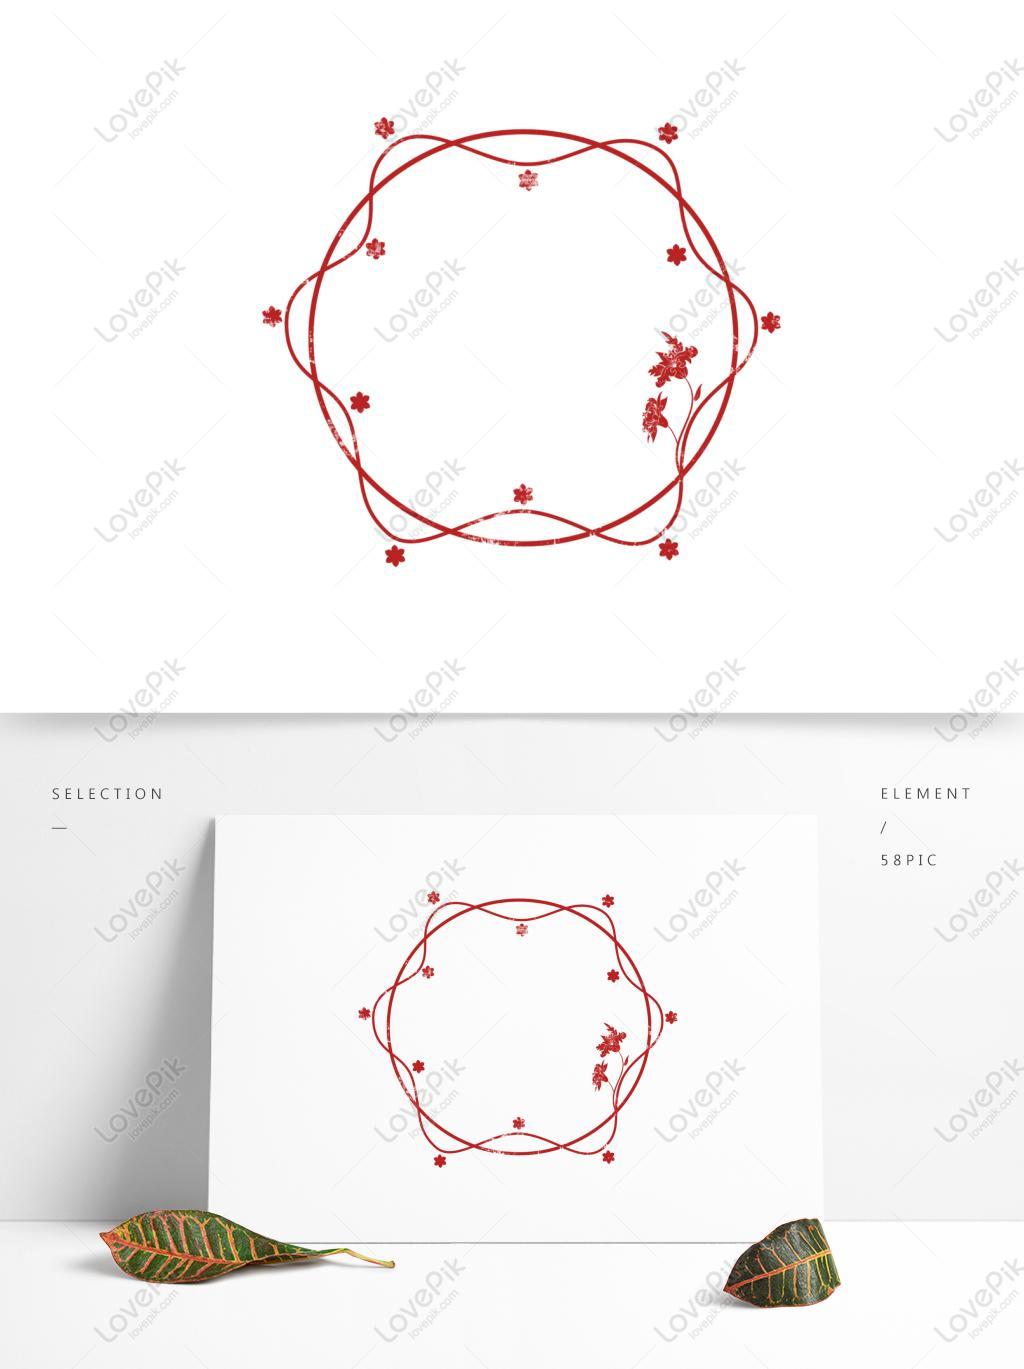 印章边框红色古典中式印章边框图片素材编号732253645